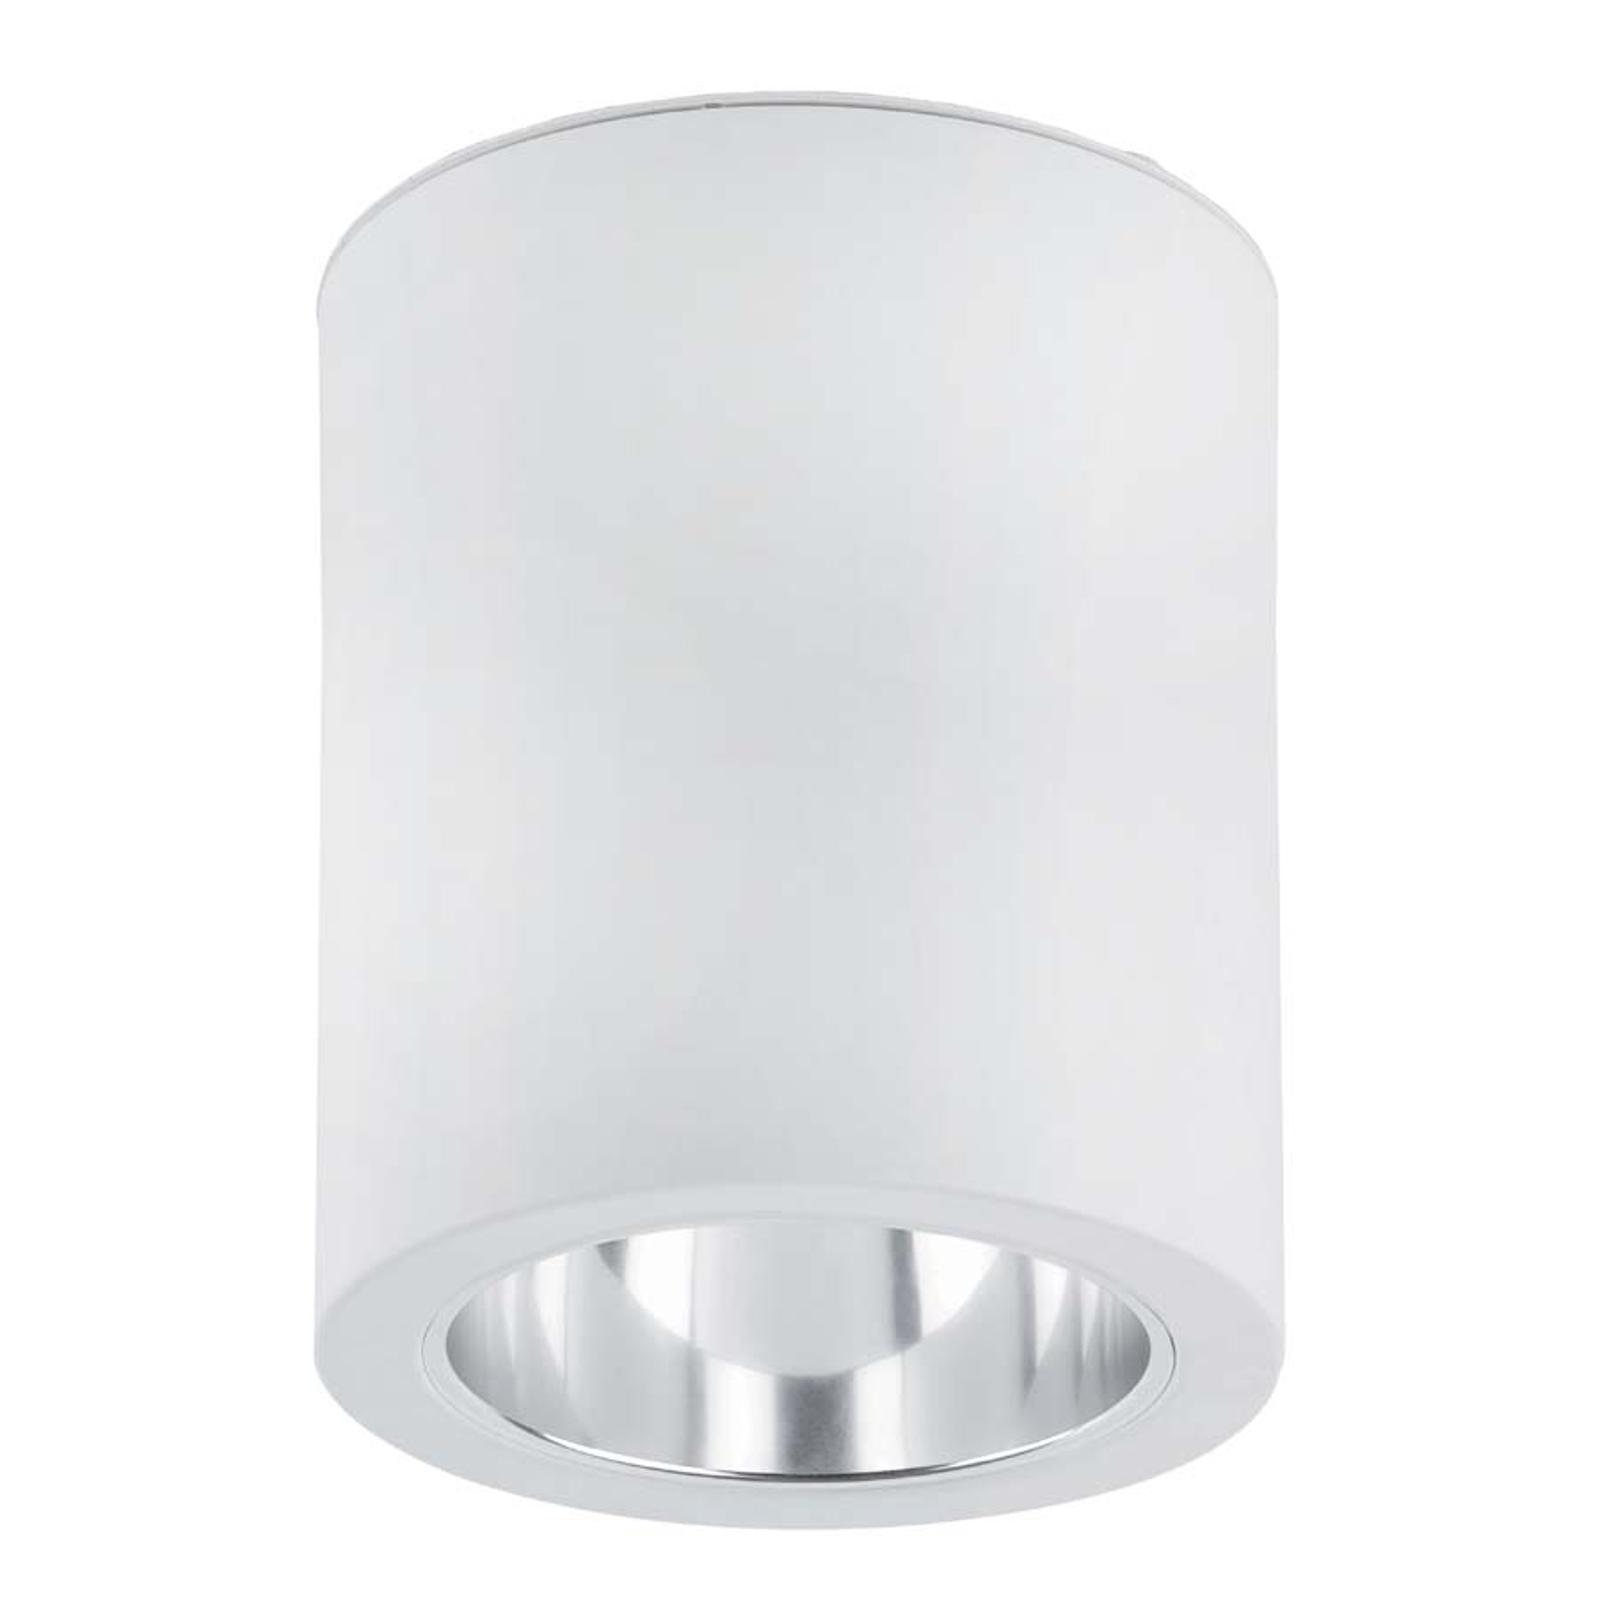 Estetisk taklampa Pote-1 aluminium vit